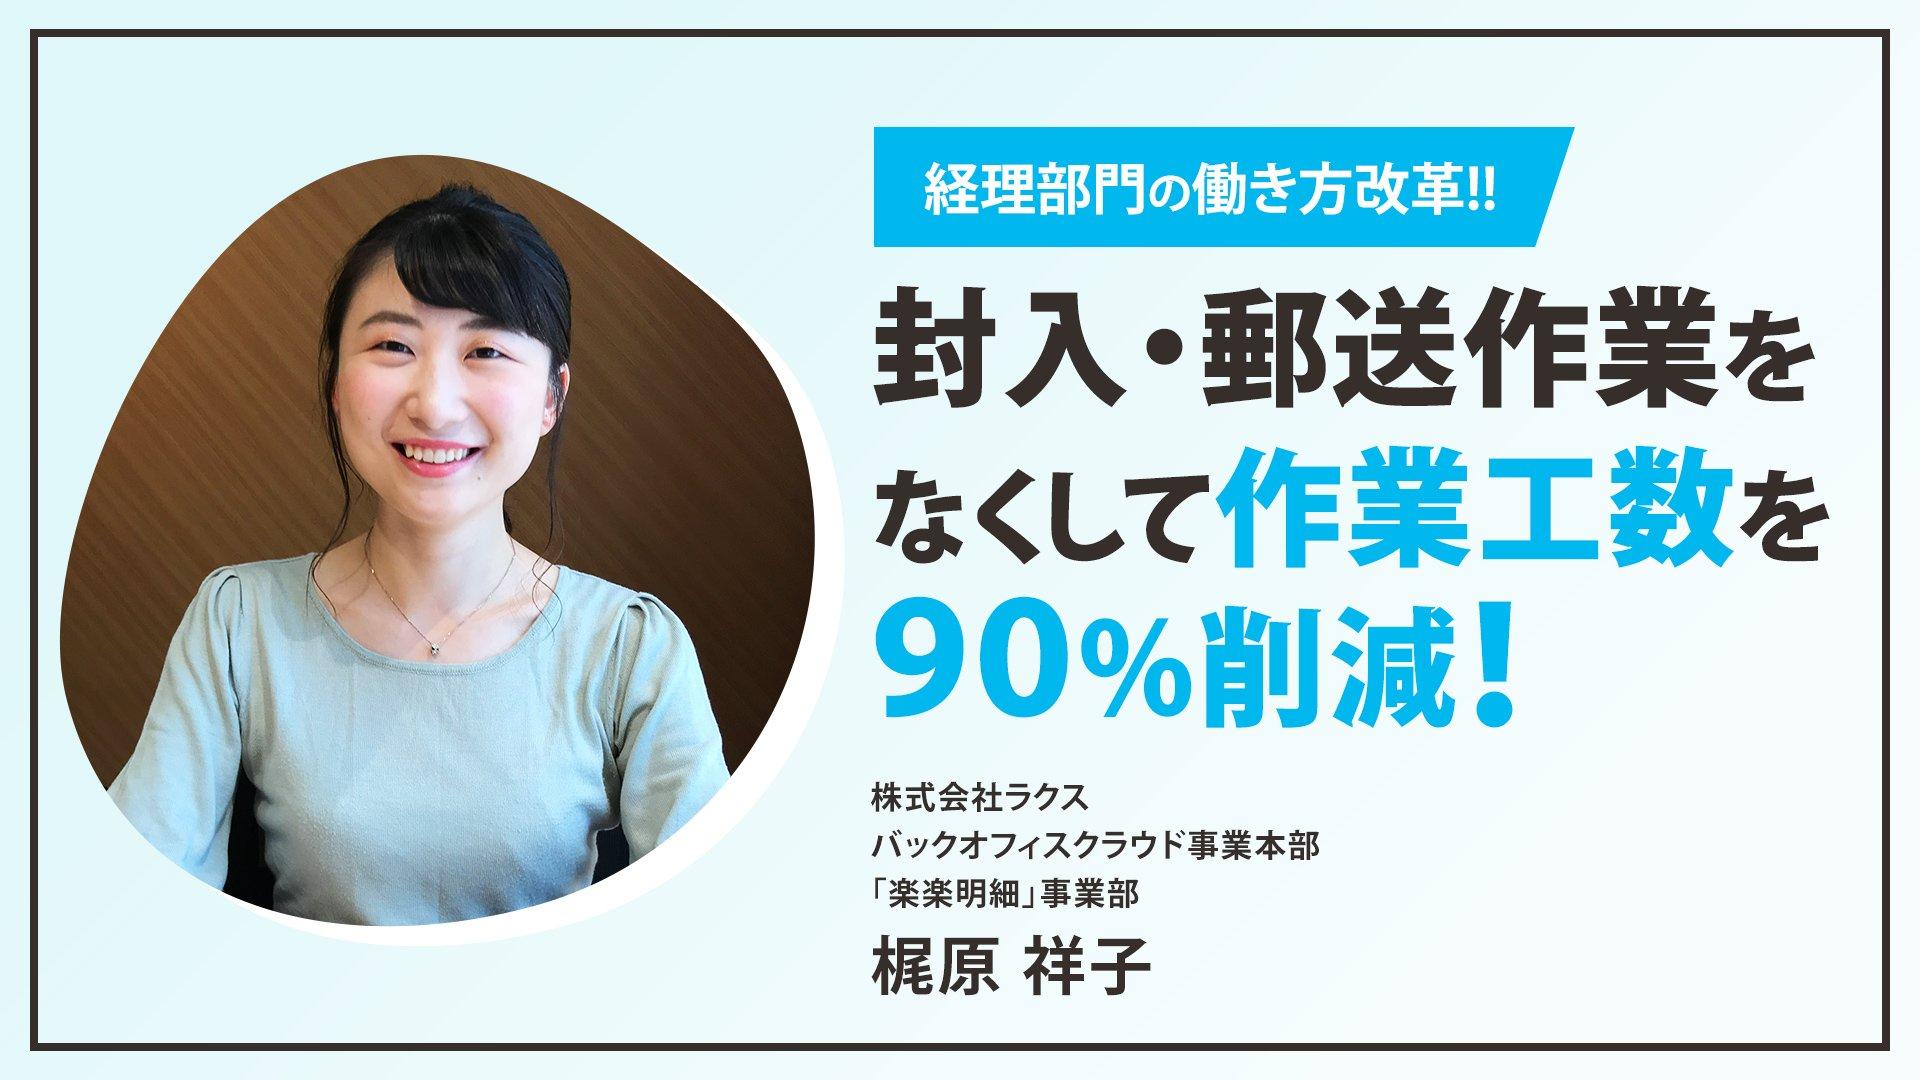 経理部門の働き方改革!! 封入・郵送作業をなくして作業工数を90%削減!